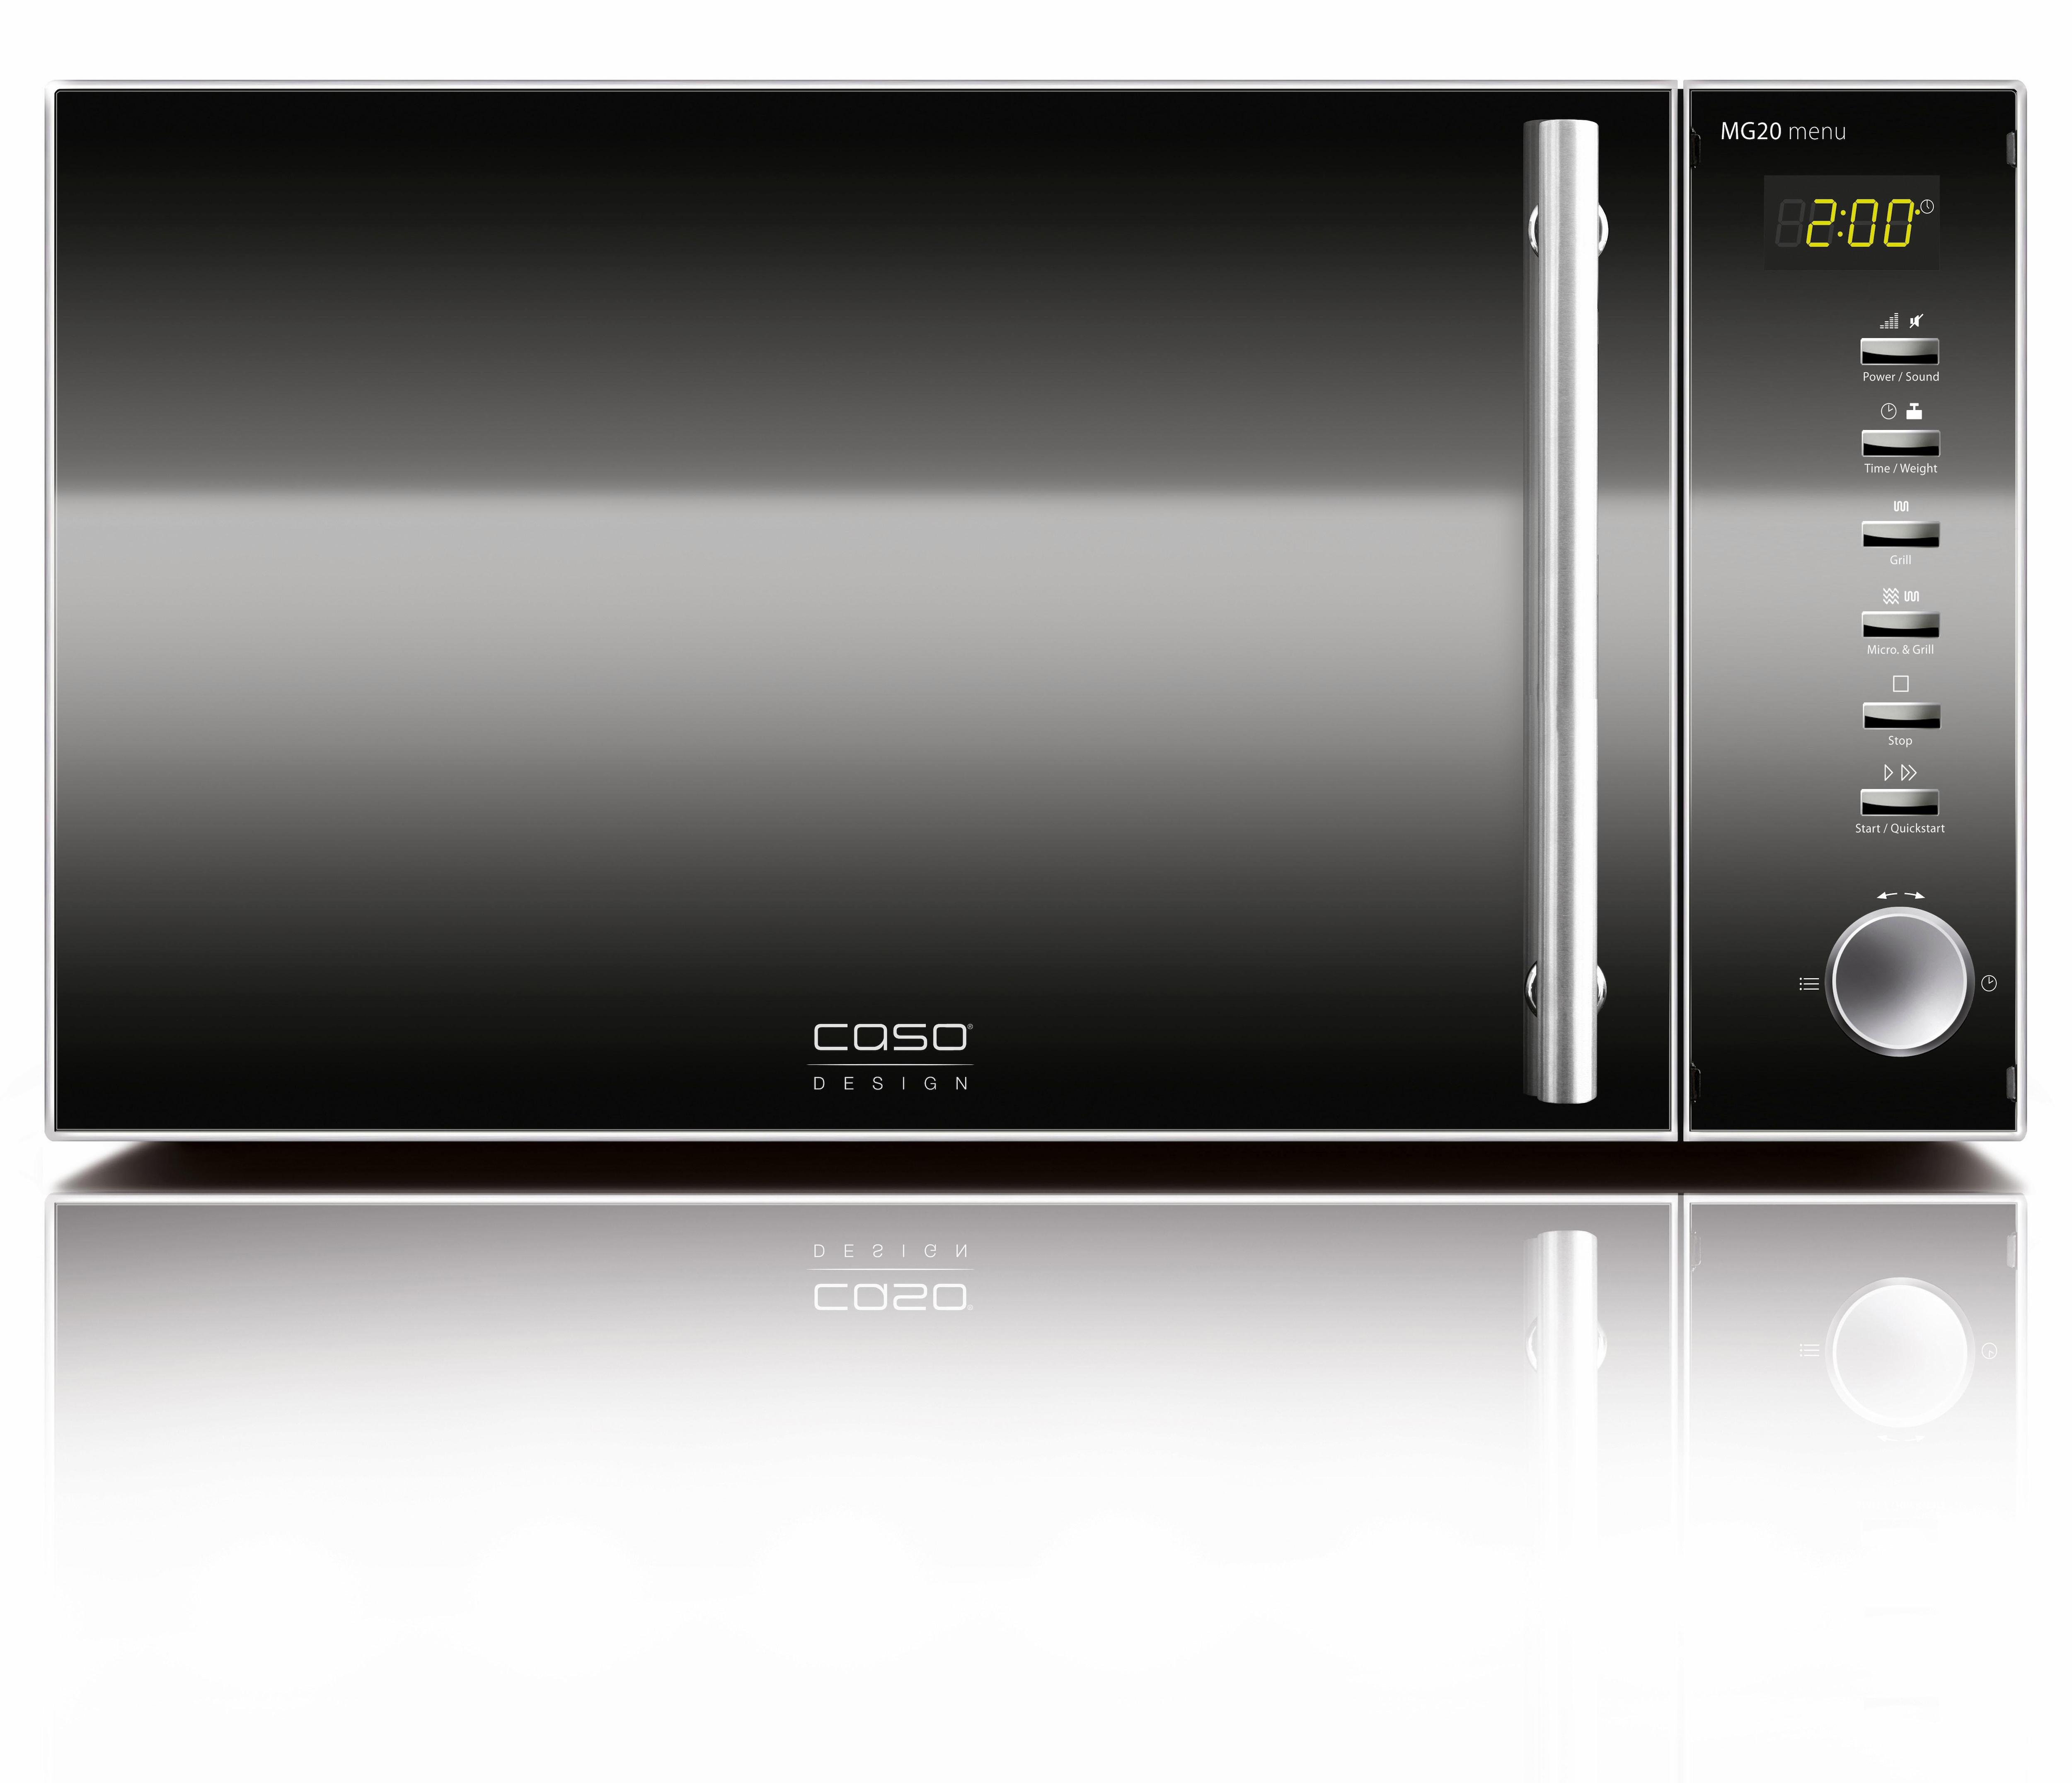 Caso Mikrowelle MG 20, 800 W | Küche und Esszimmer > Küchenelektrogeräte > Mikrowellen | CASO DESIGN